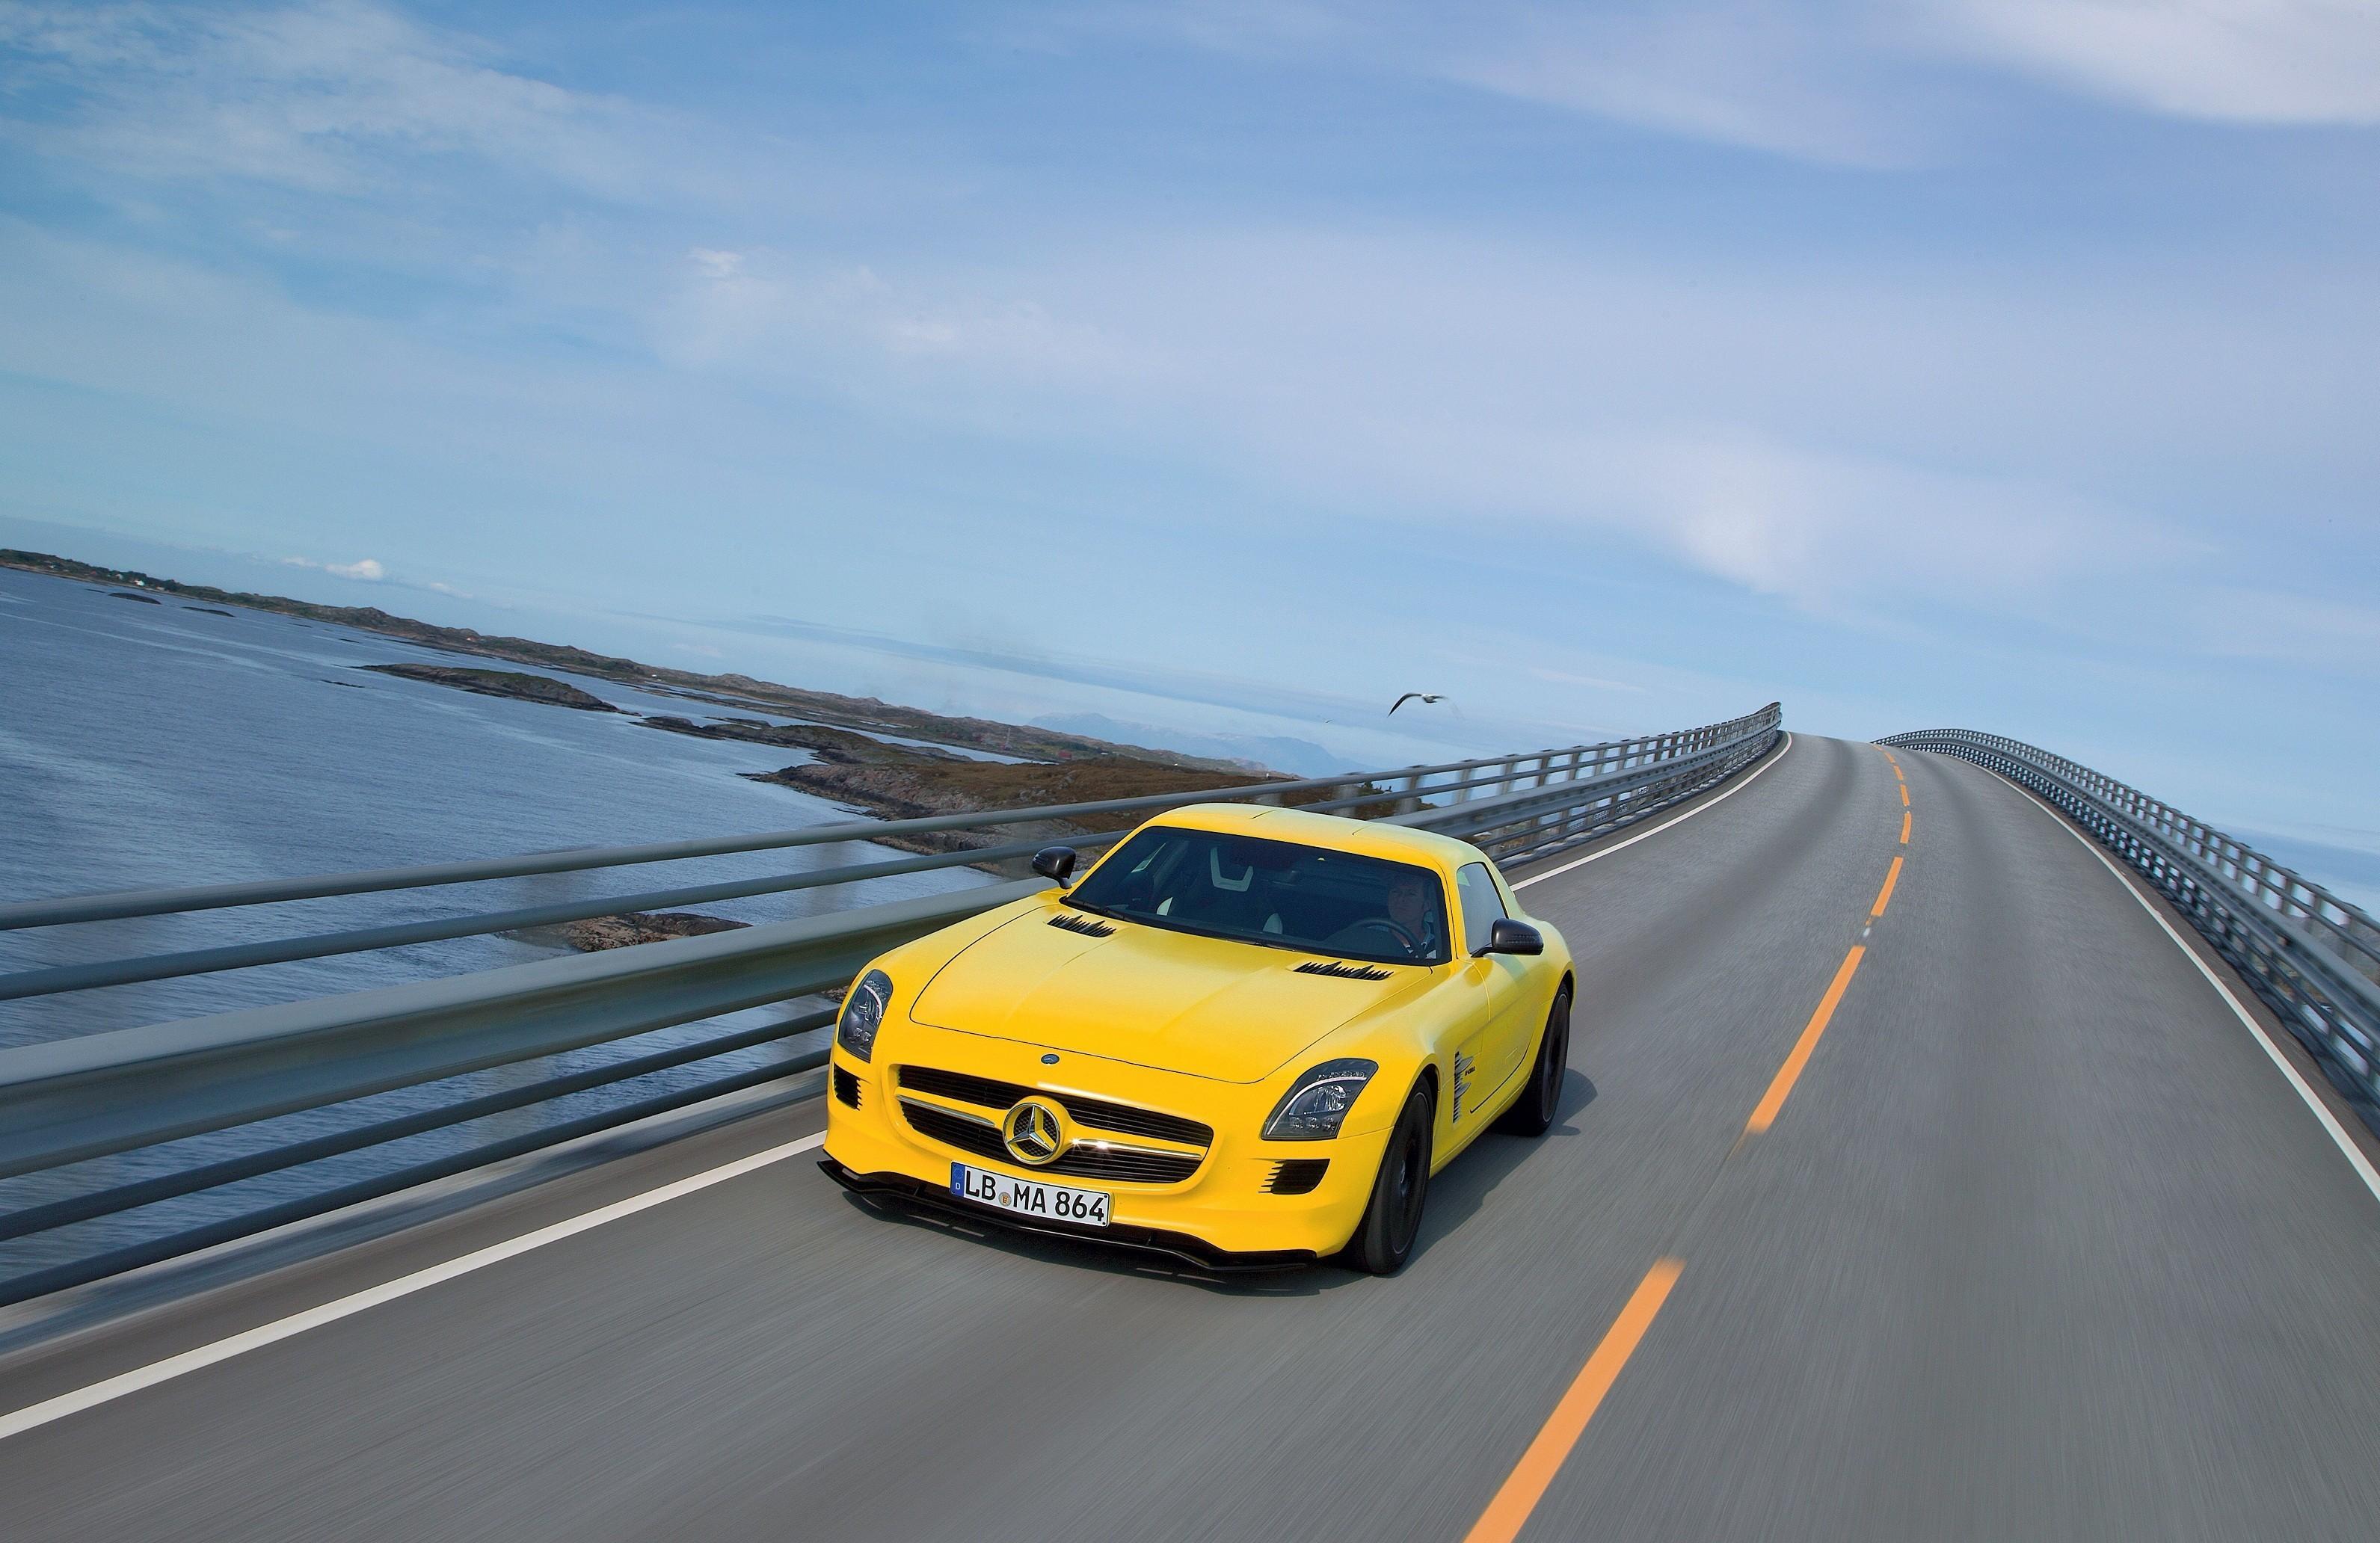 零气缸超跑 全新感受奔驰sls 高清图片